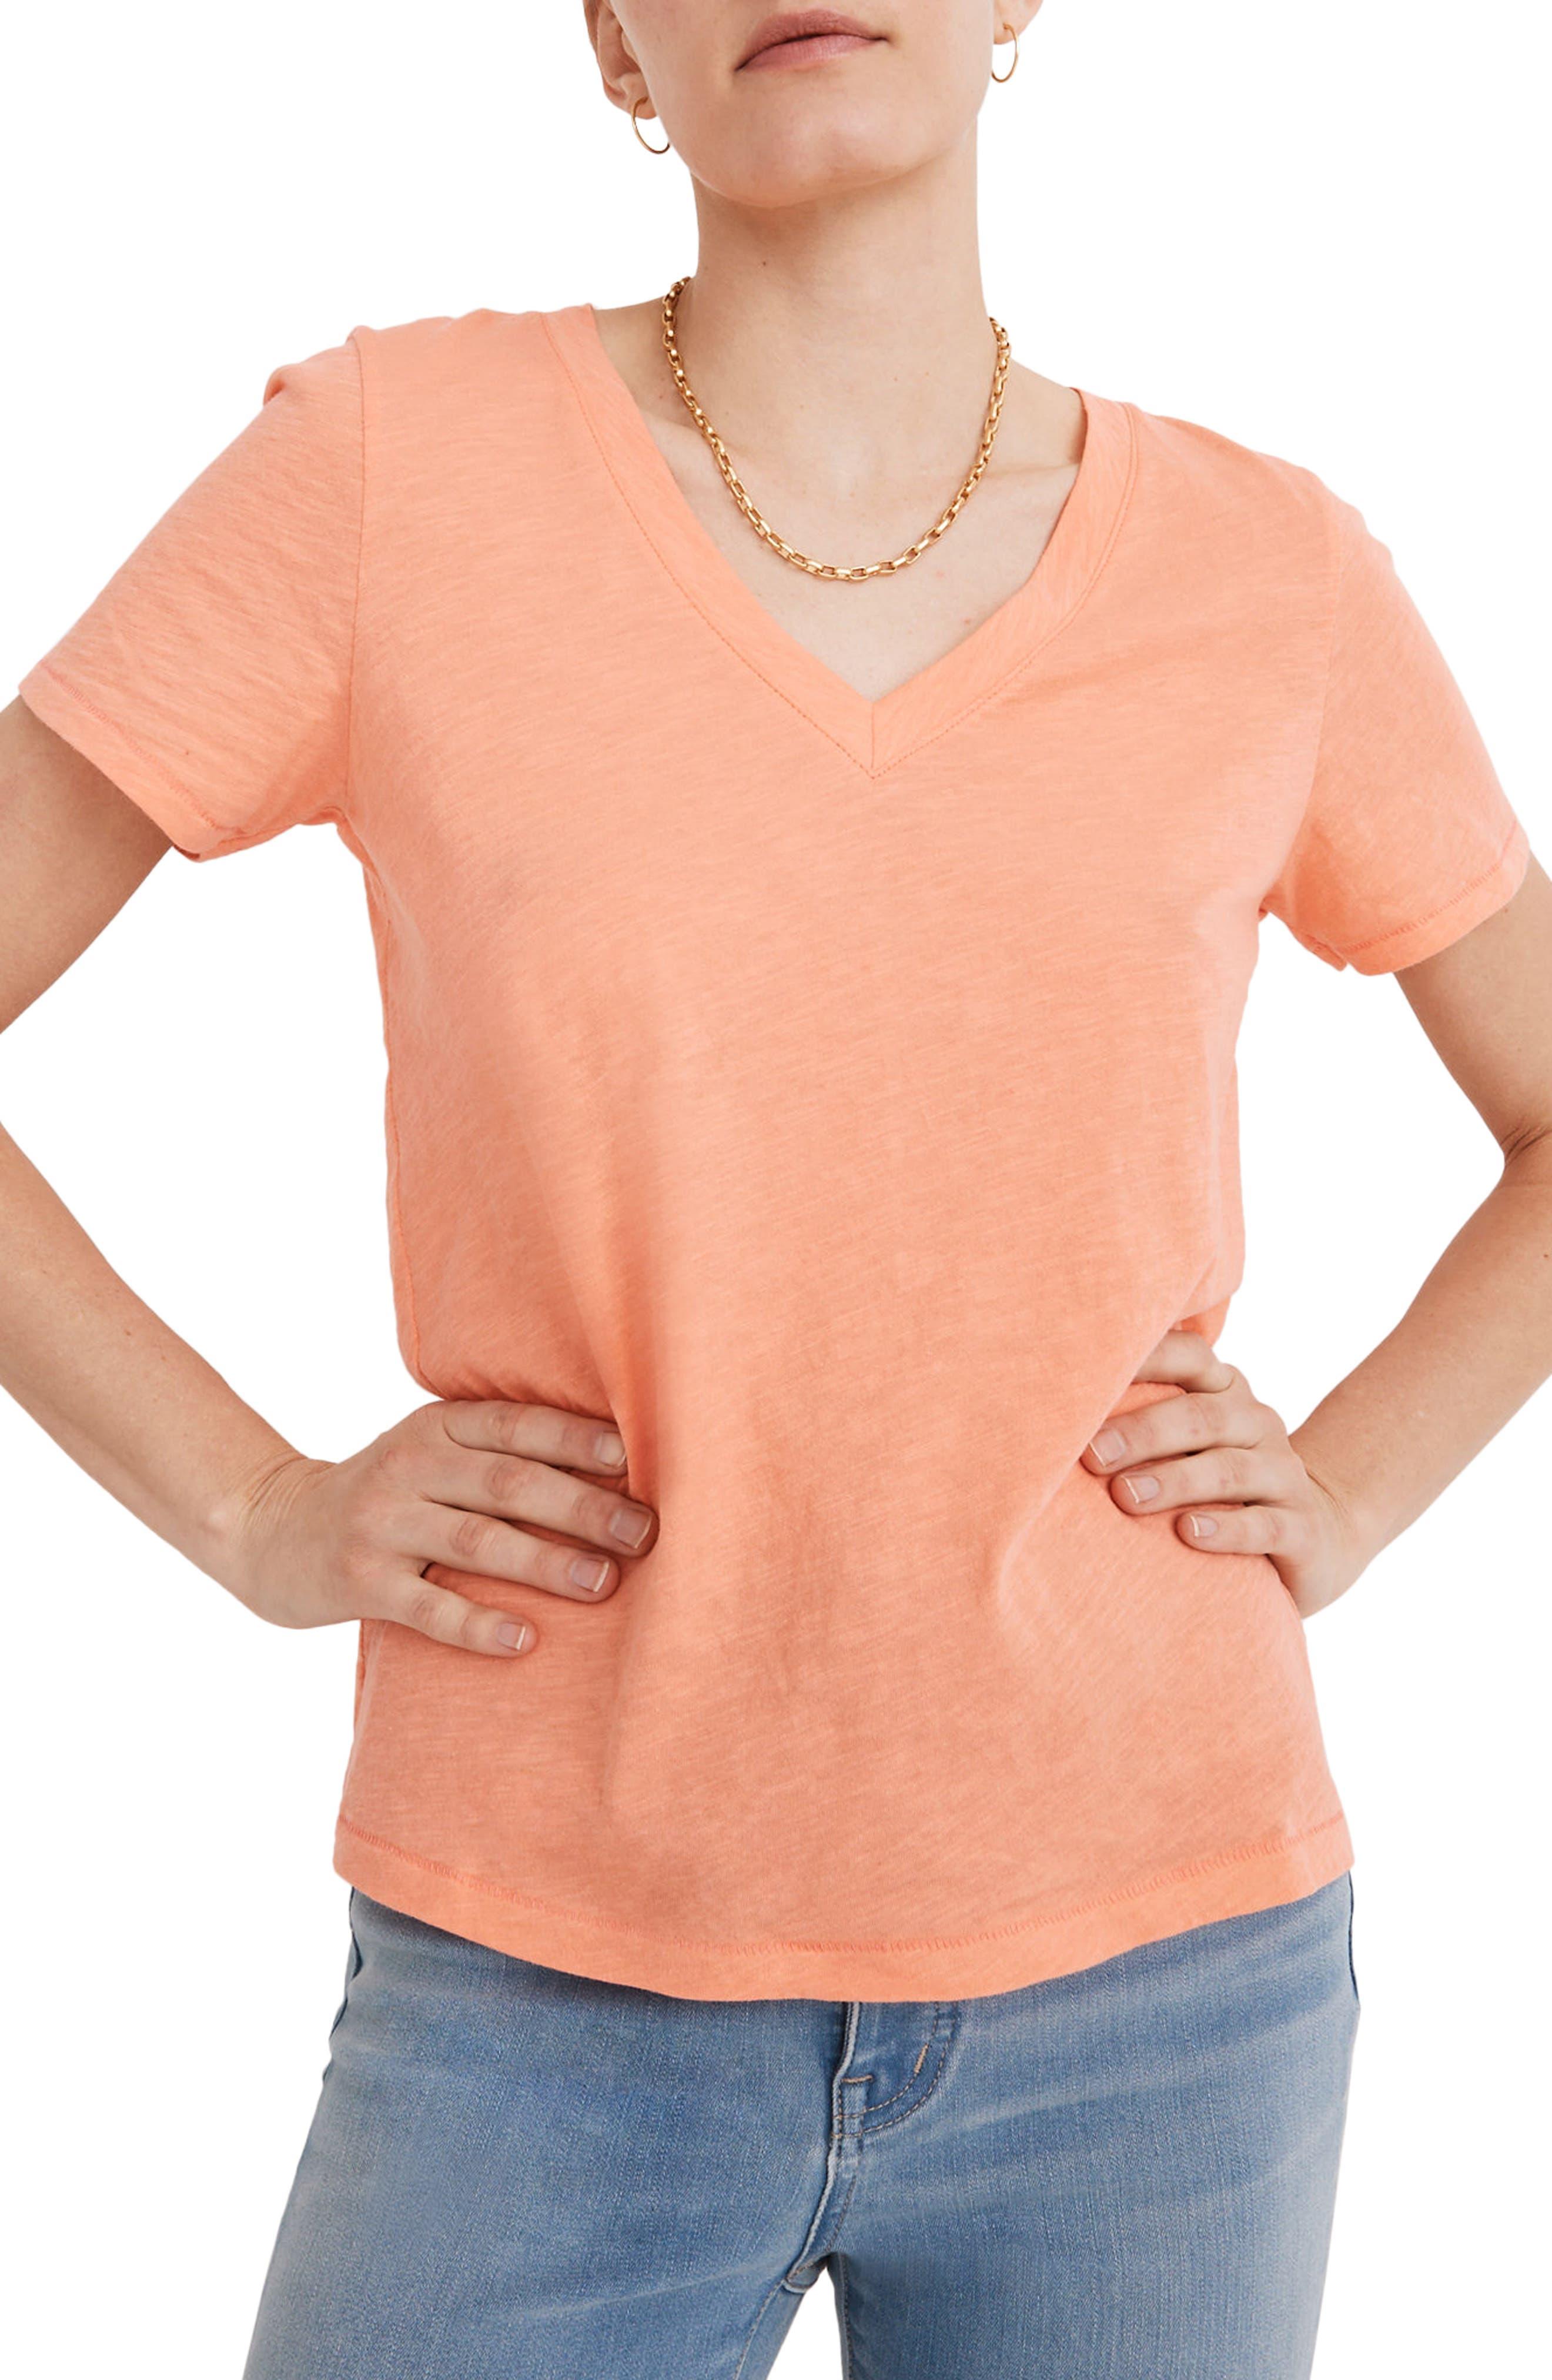 The Tania top in burnt orange twill